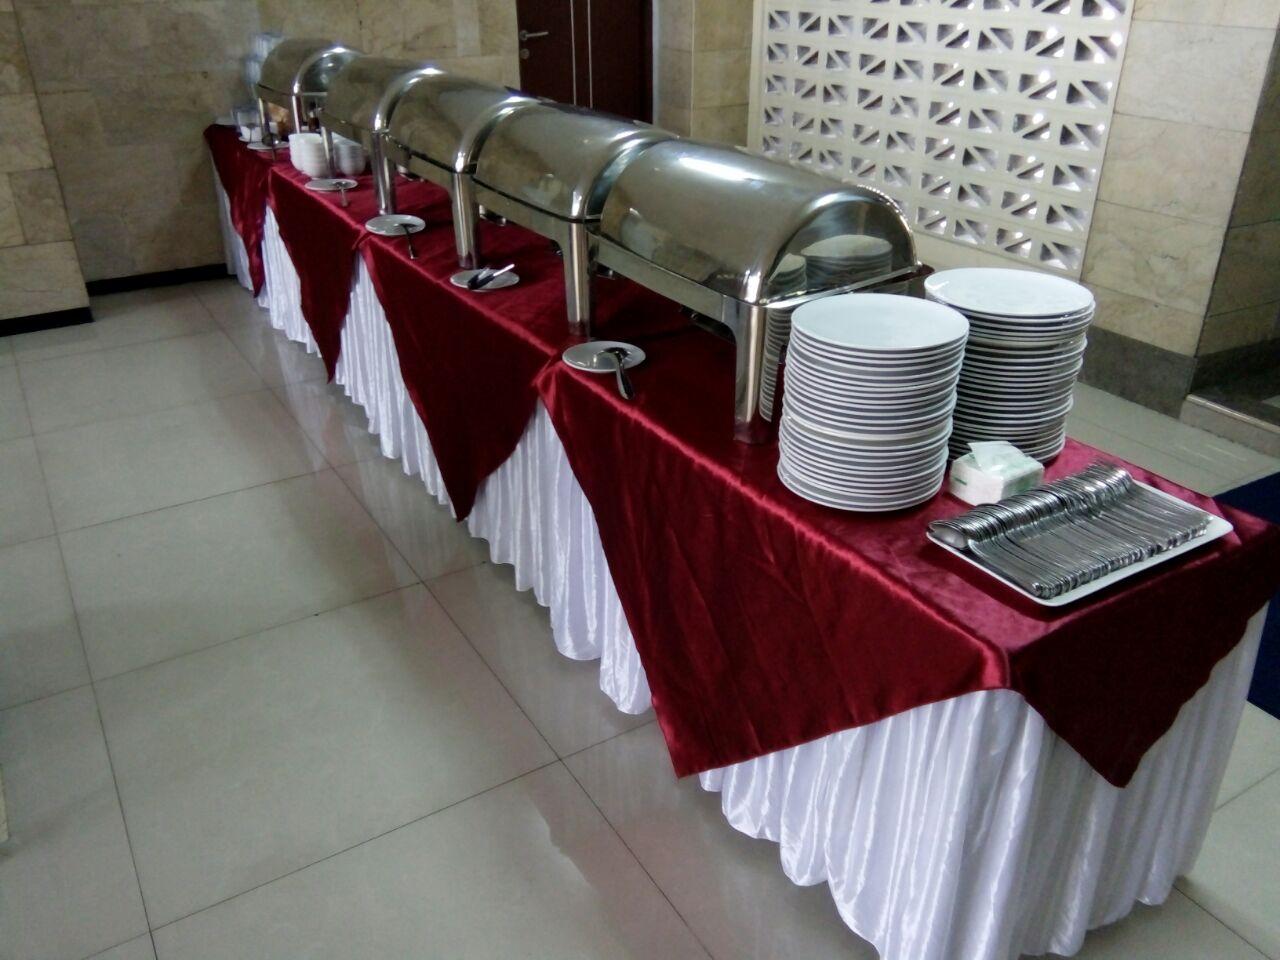 Catering Bedahan Depok Spesialis Catering Citarasa Masakan Indonesia untuk Pesta Resepsi Pernikahan, Buka Puasa bersama & Halal Bi Halal